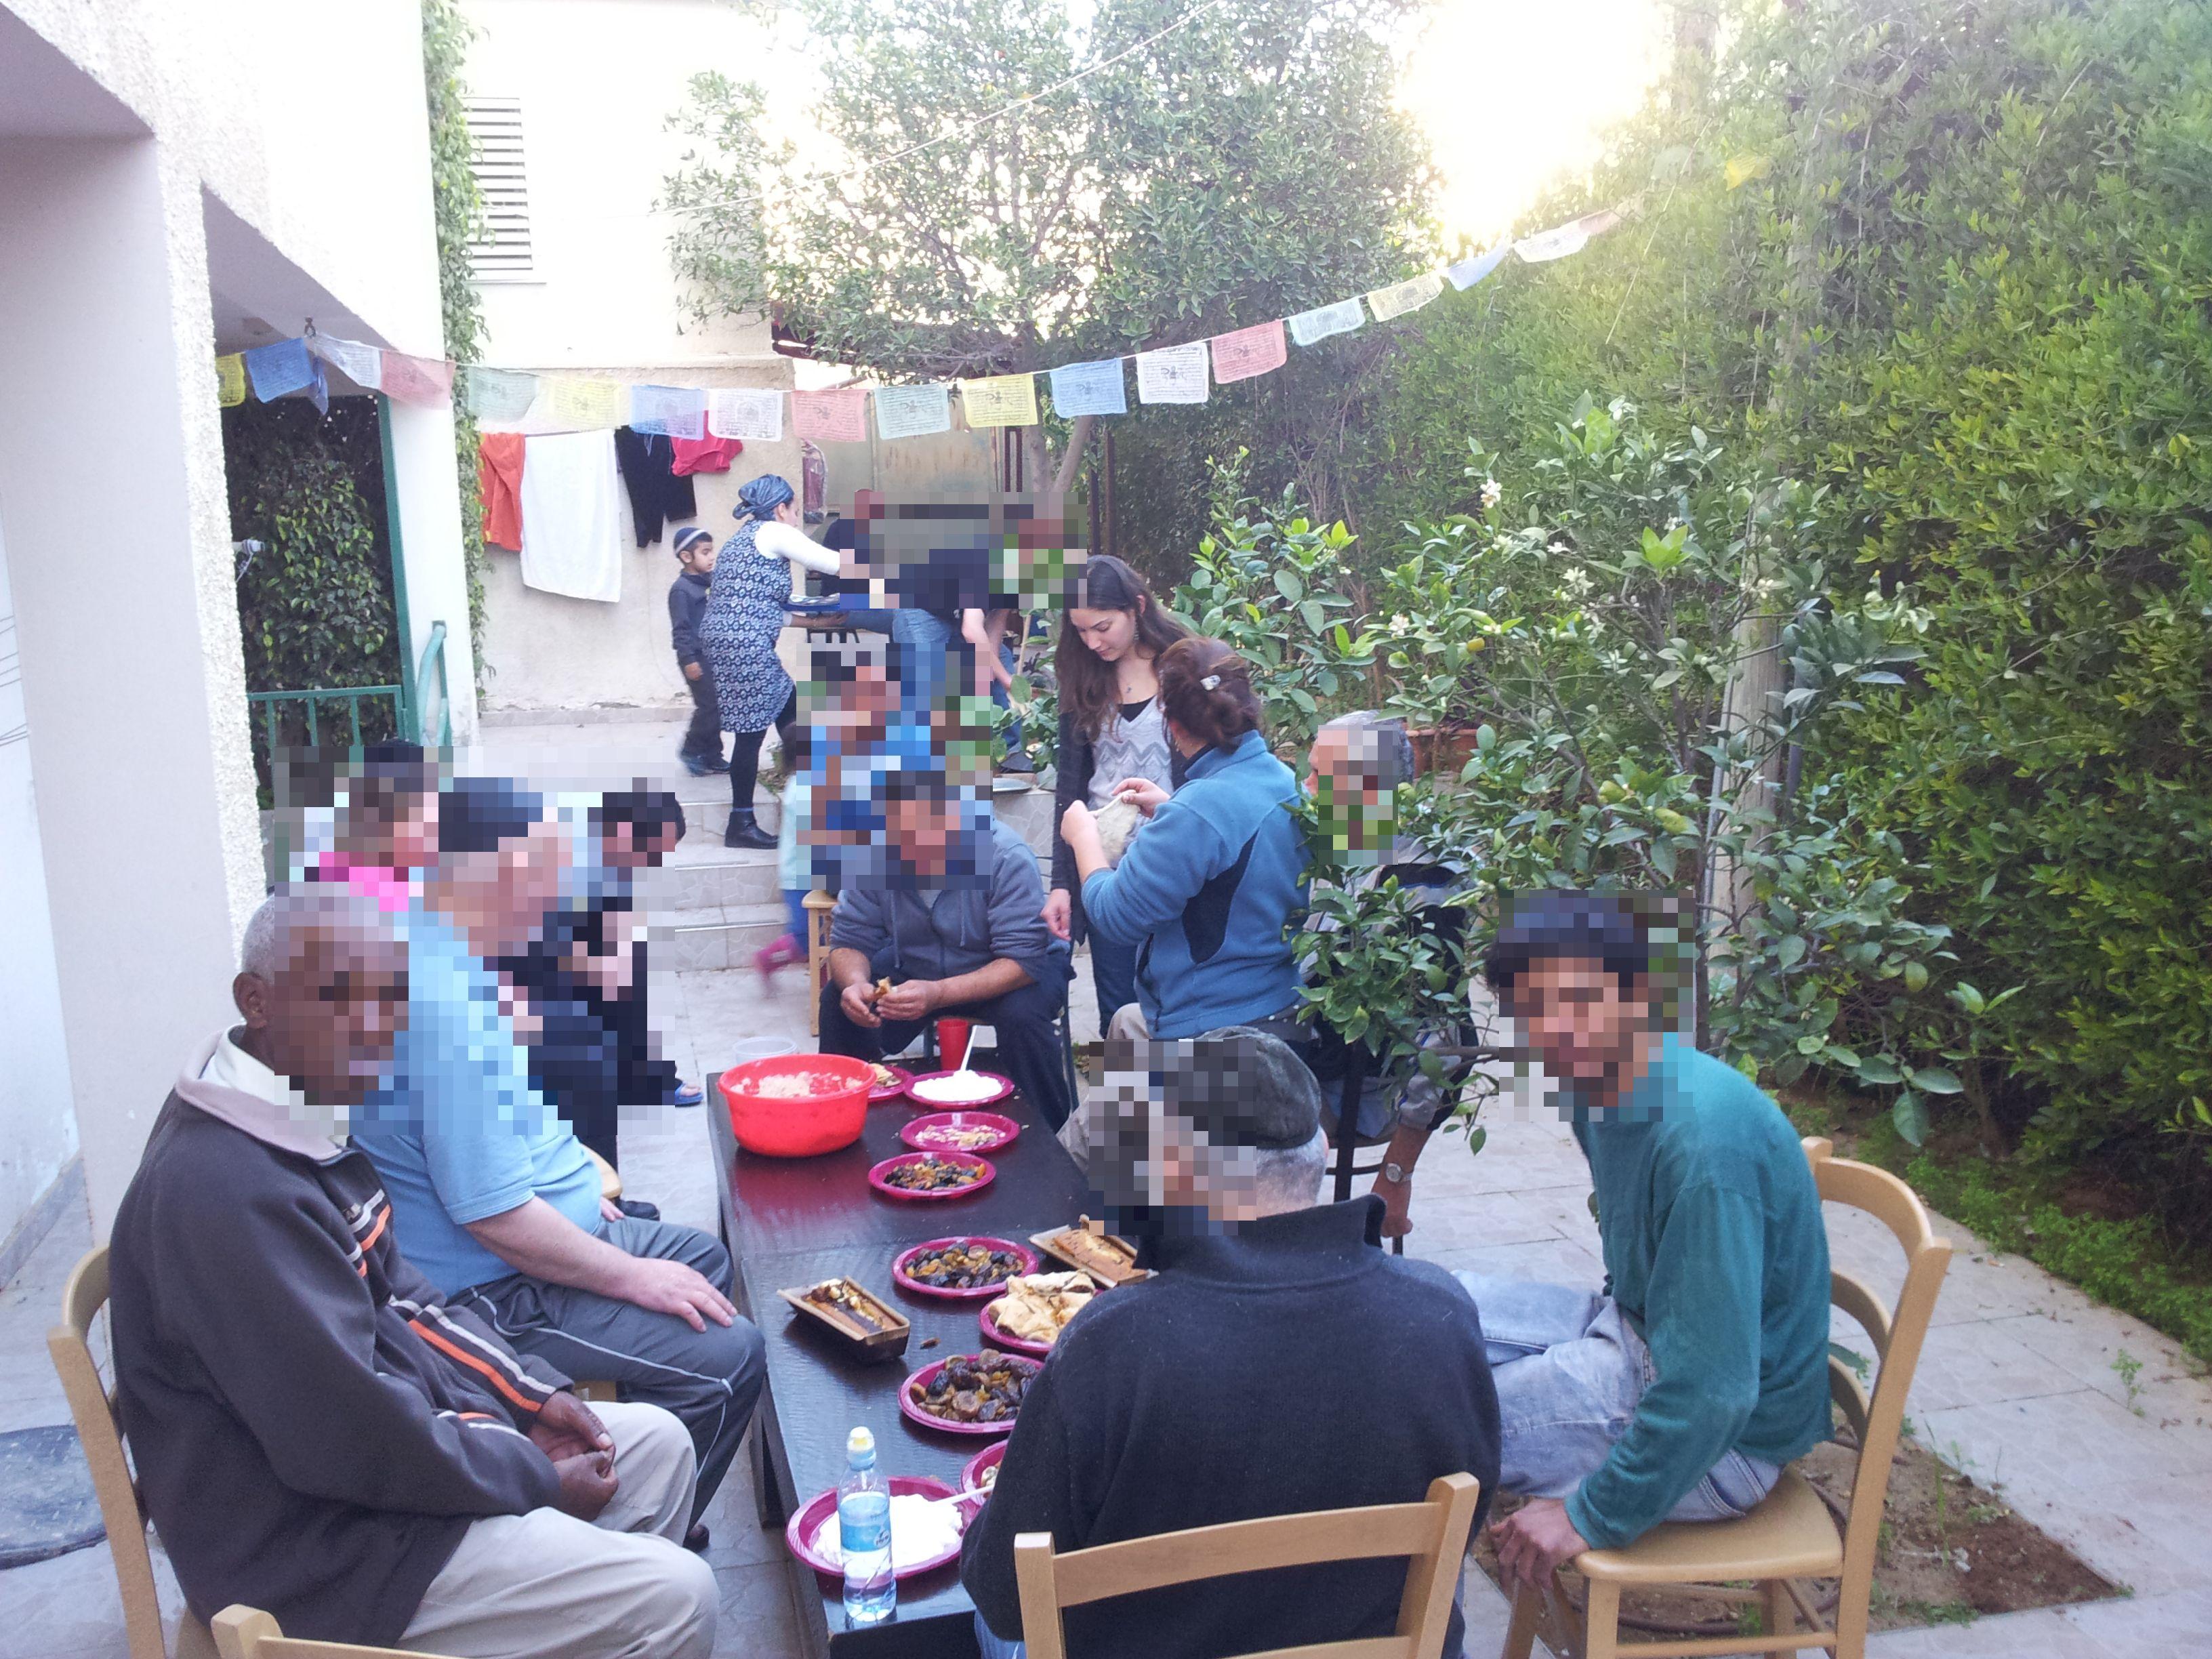 יום גינון וציון טו בשבט- הוסטל בית מרחבים (3)